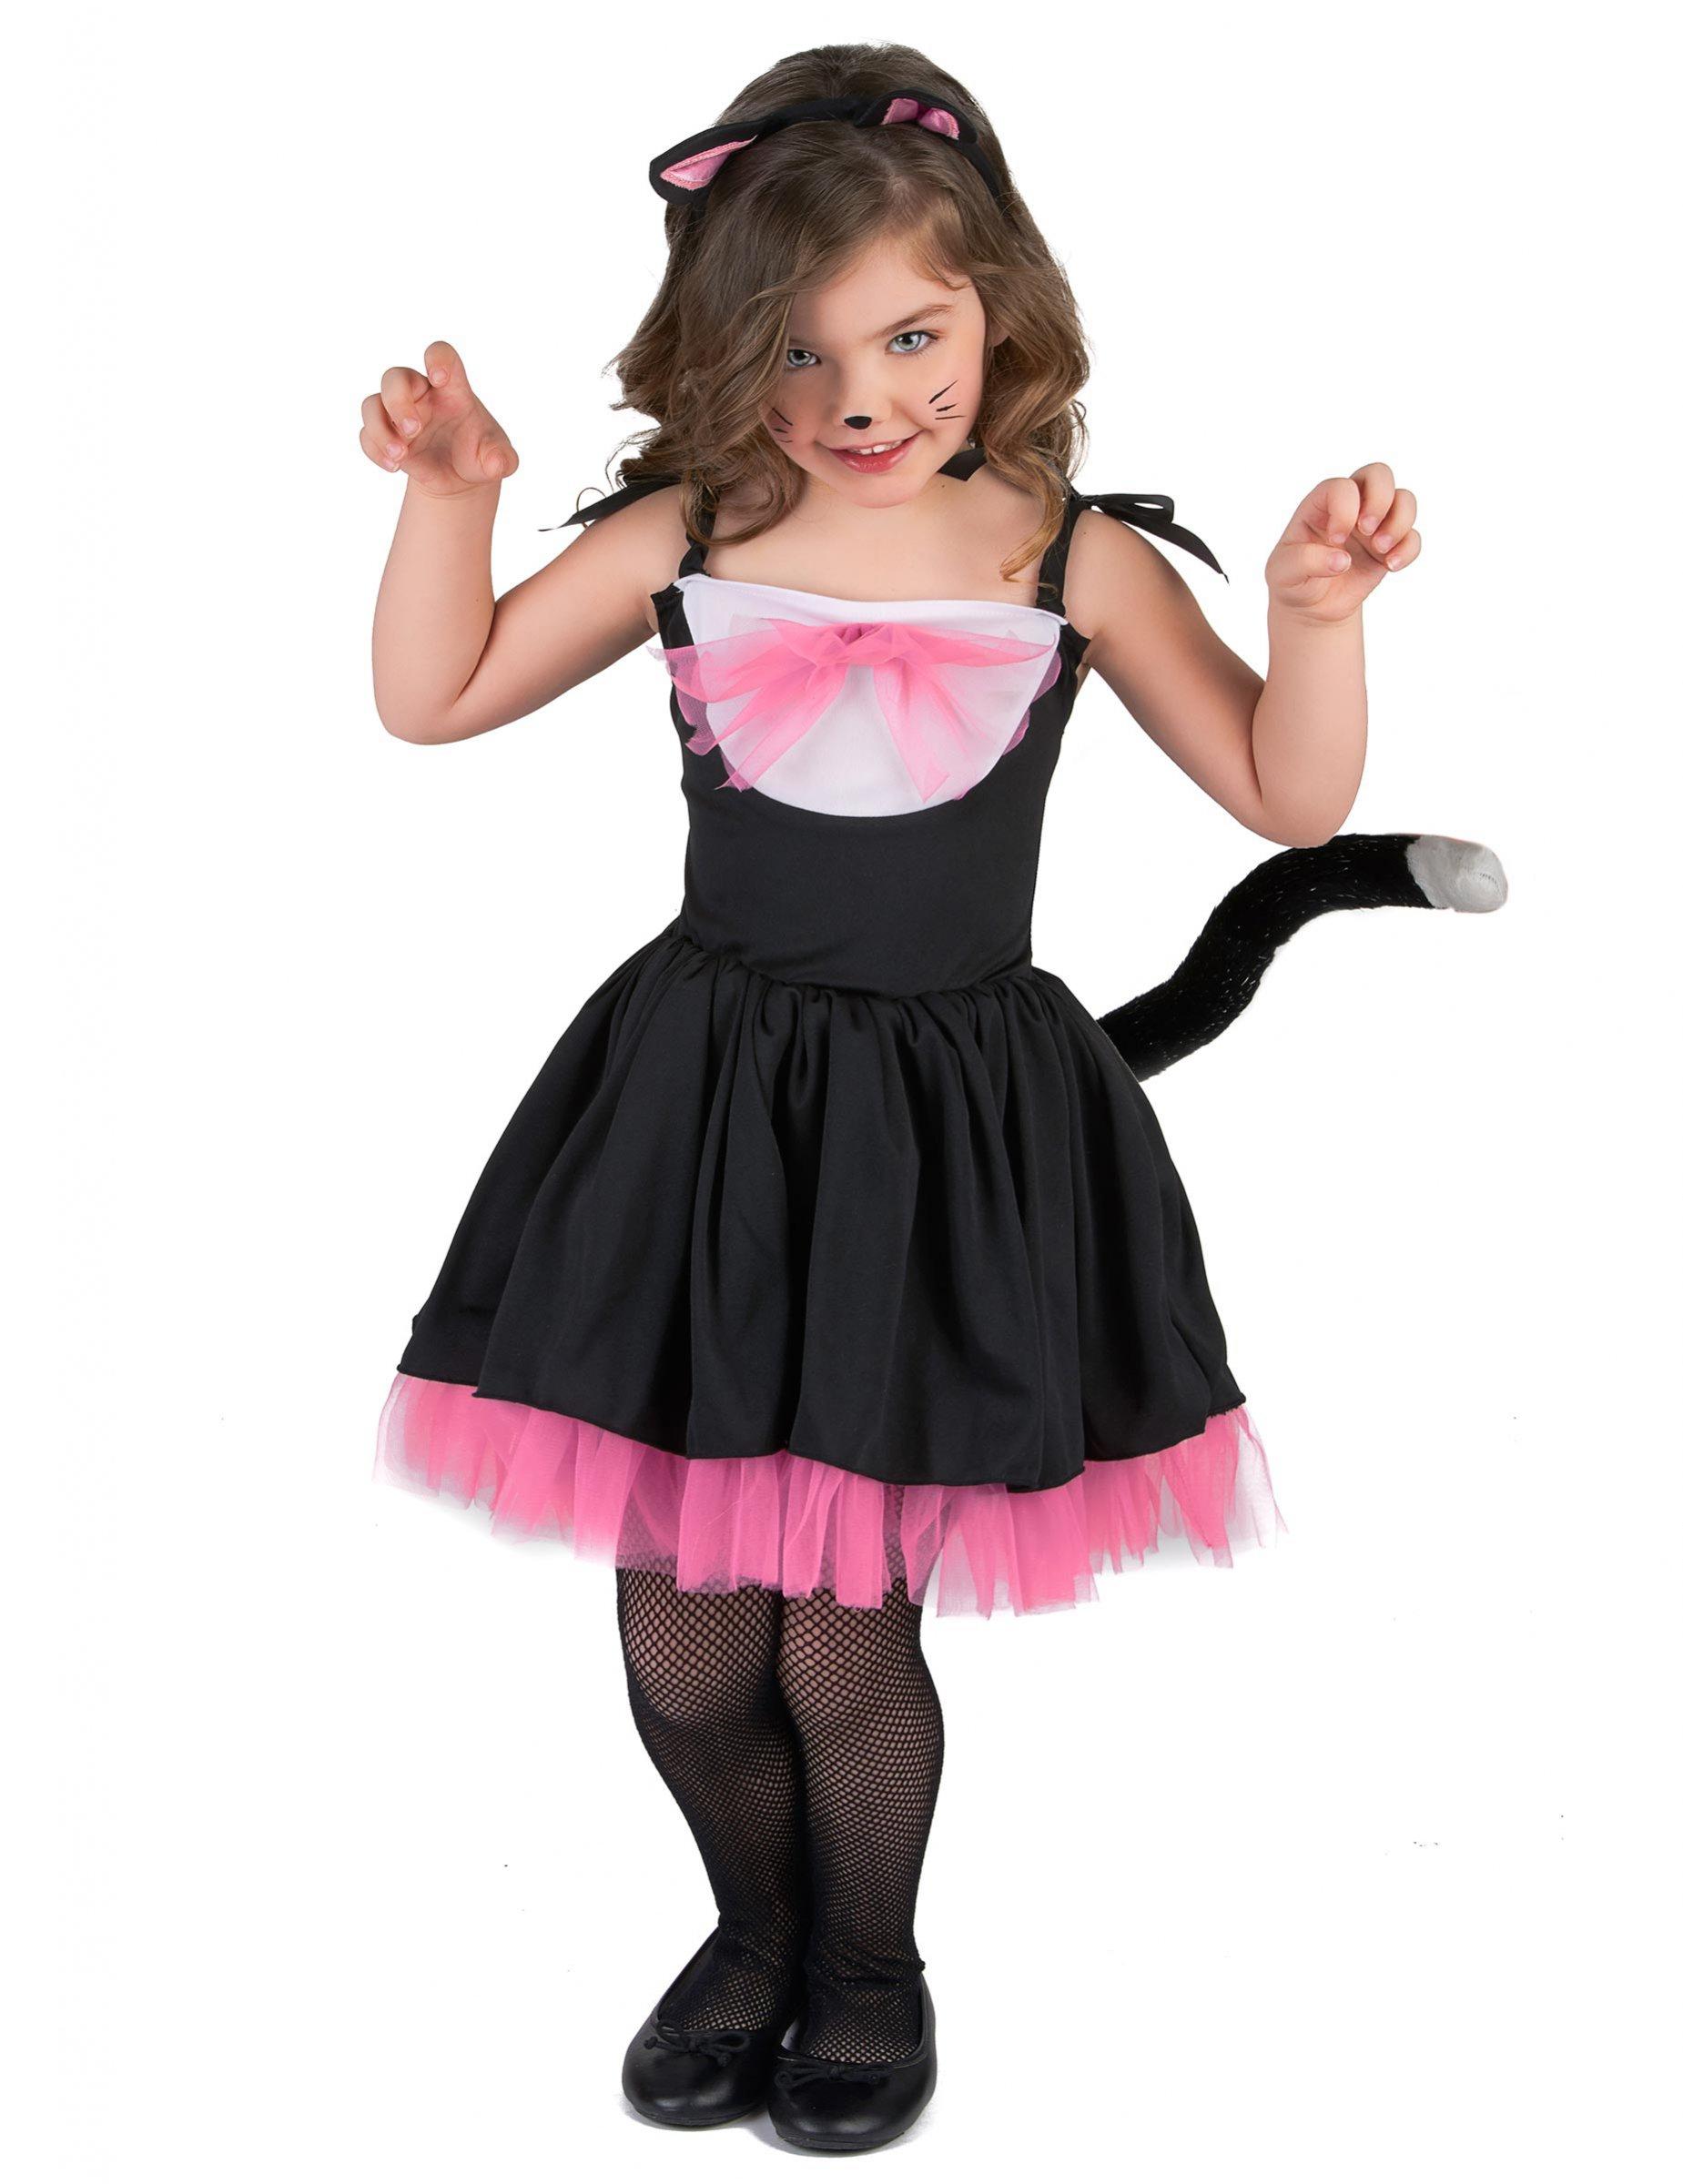 Costume da gattina con tut nero e rosa per bambina - Disfraces el gato negro ...